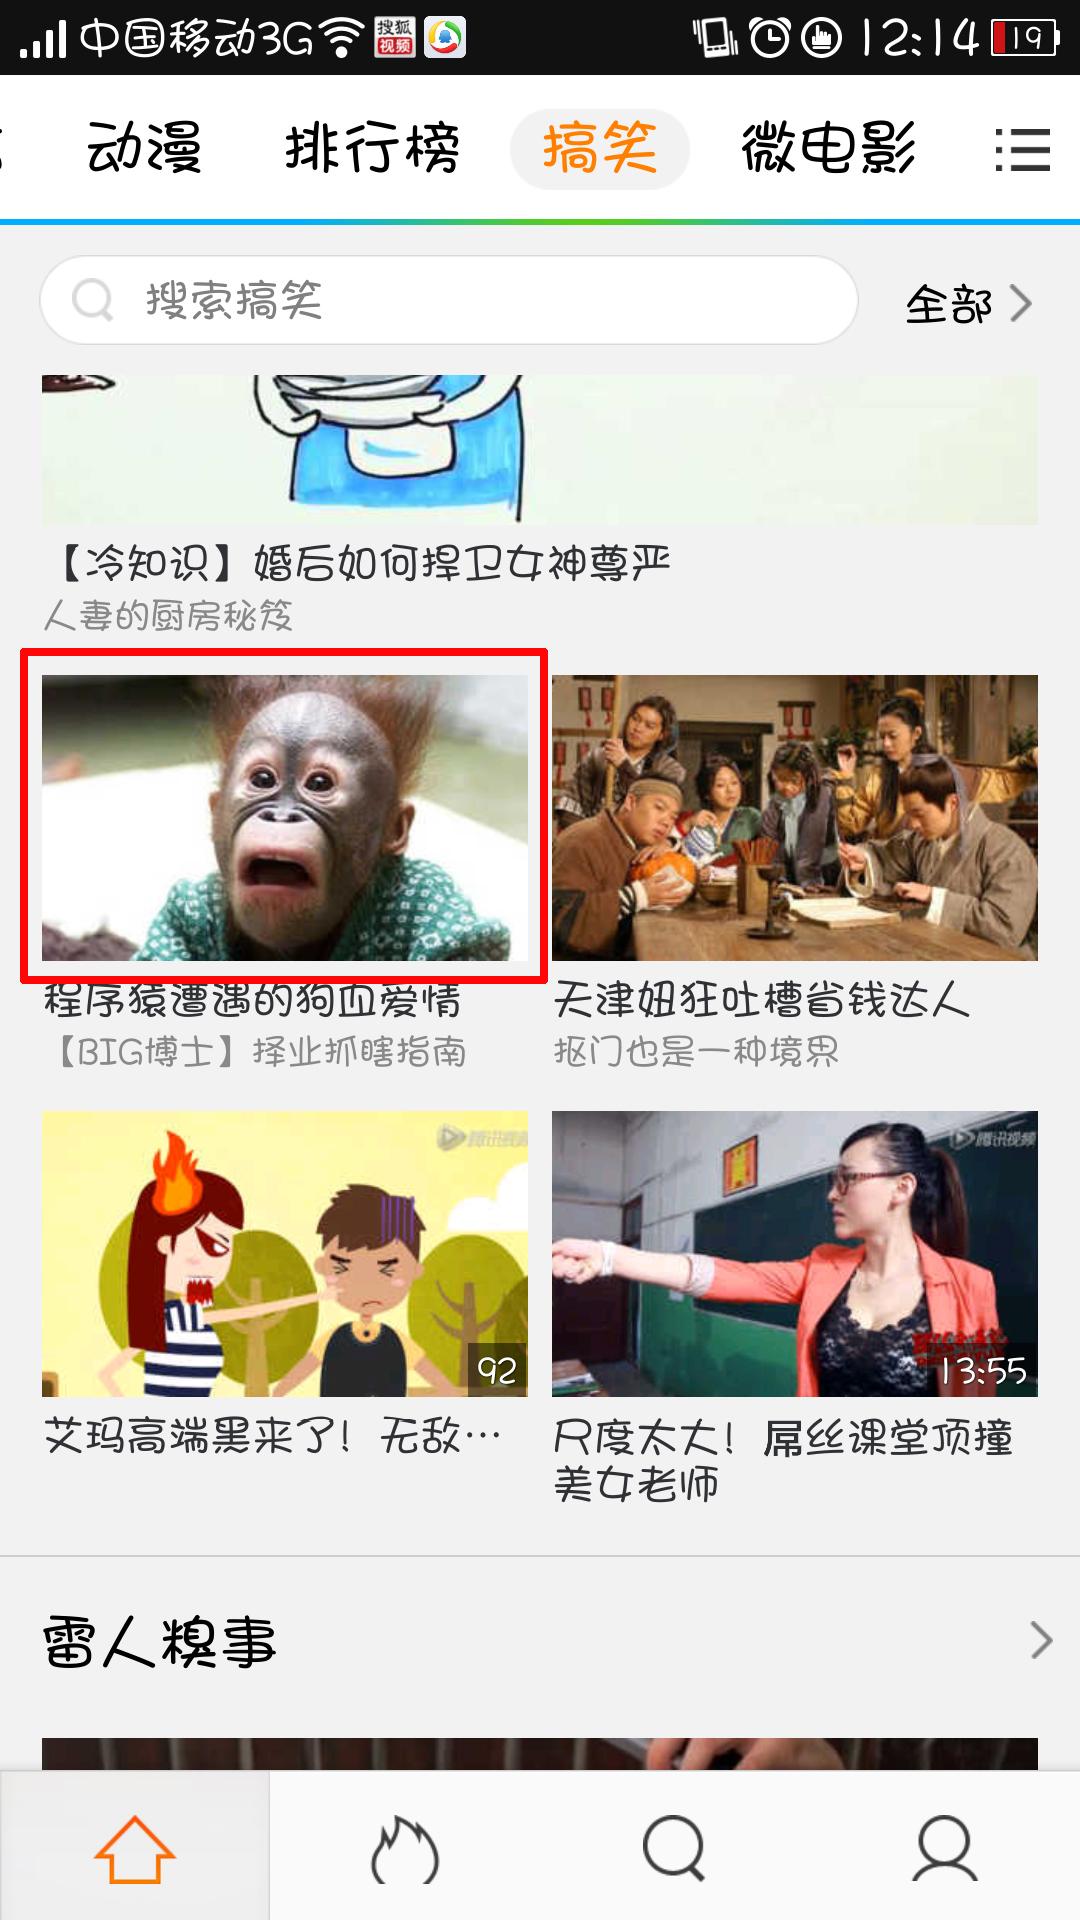 腾讯 手机新闻客户端 搞笑频道